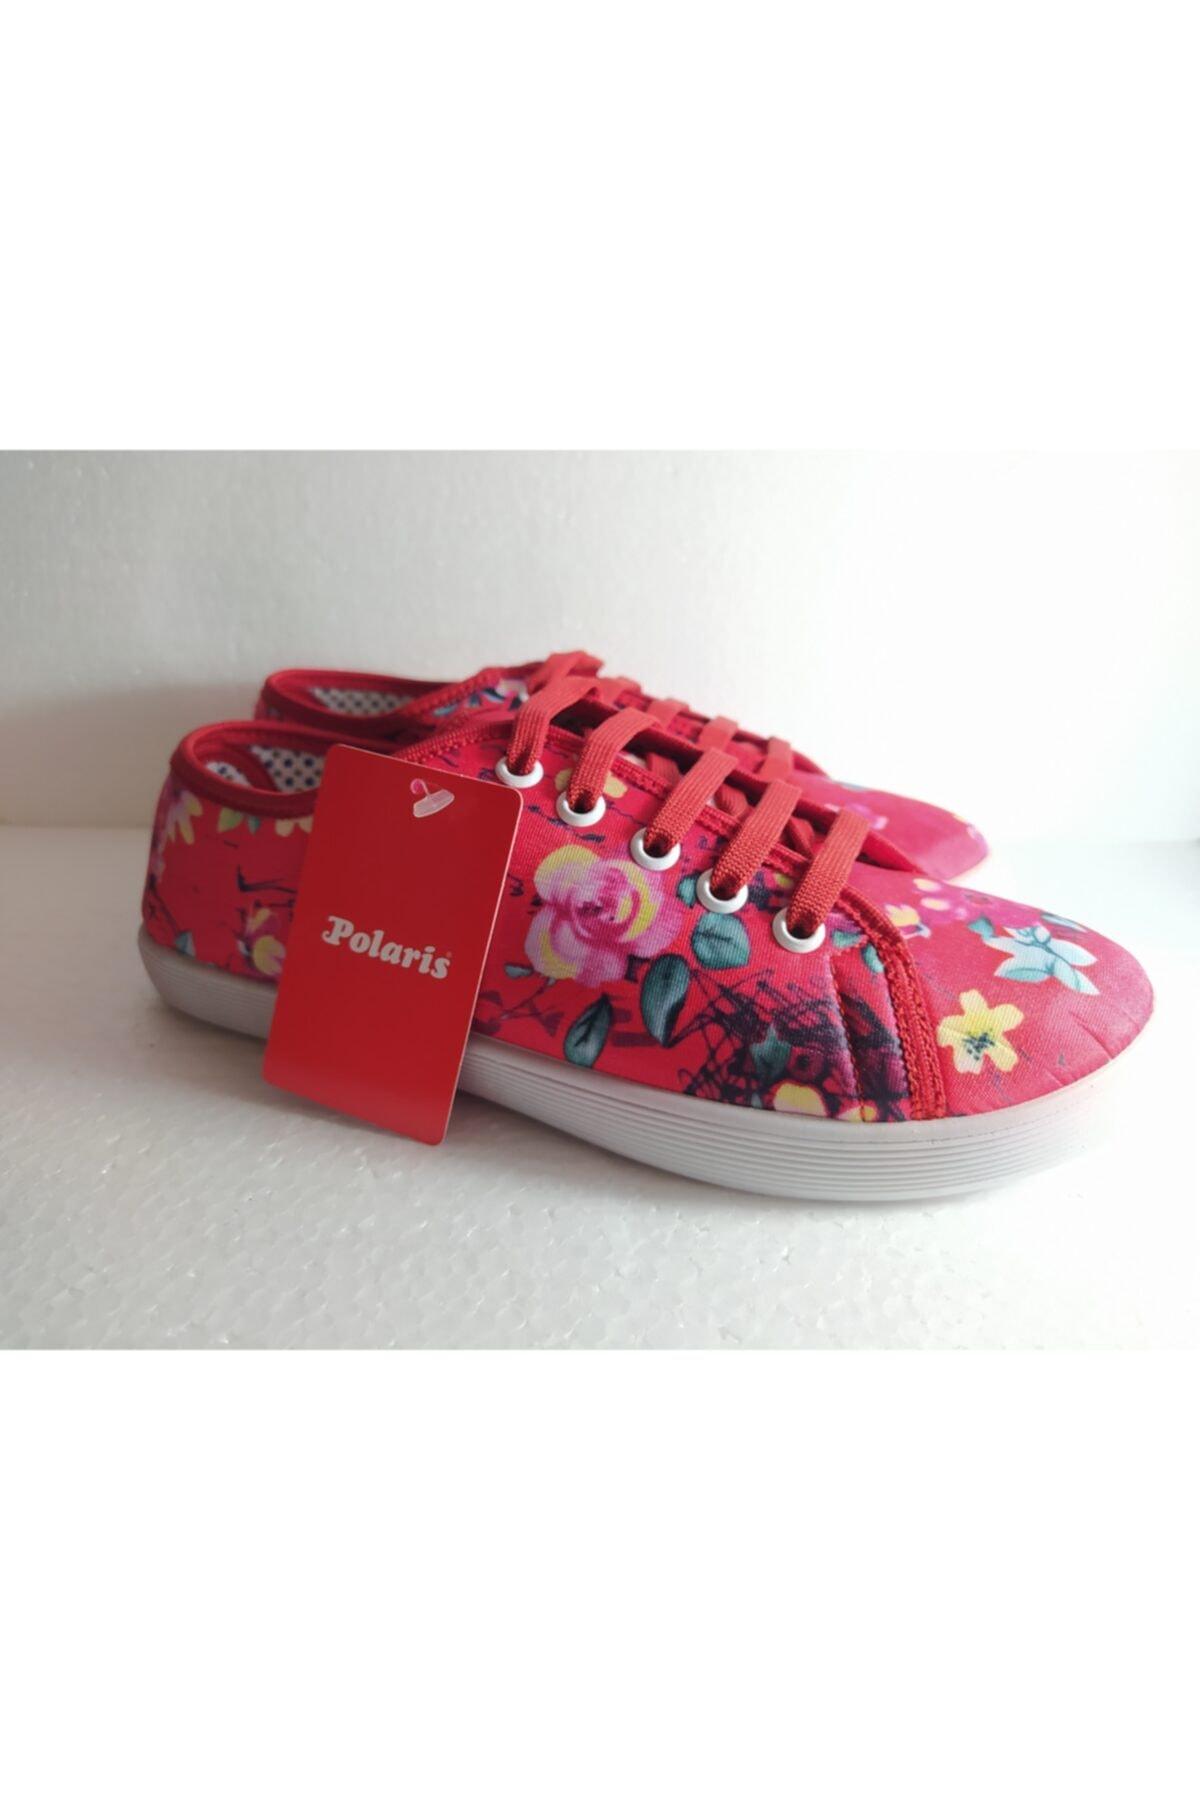 Polaris Kadın Pembe Çiçekli Günlük Kadın Ayakkabı